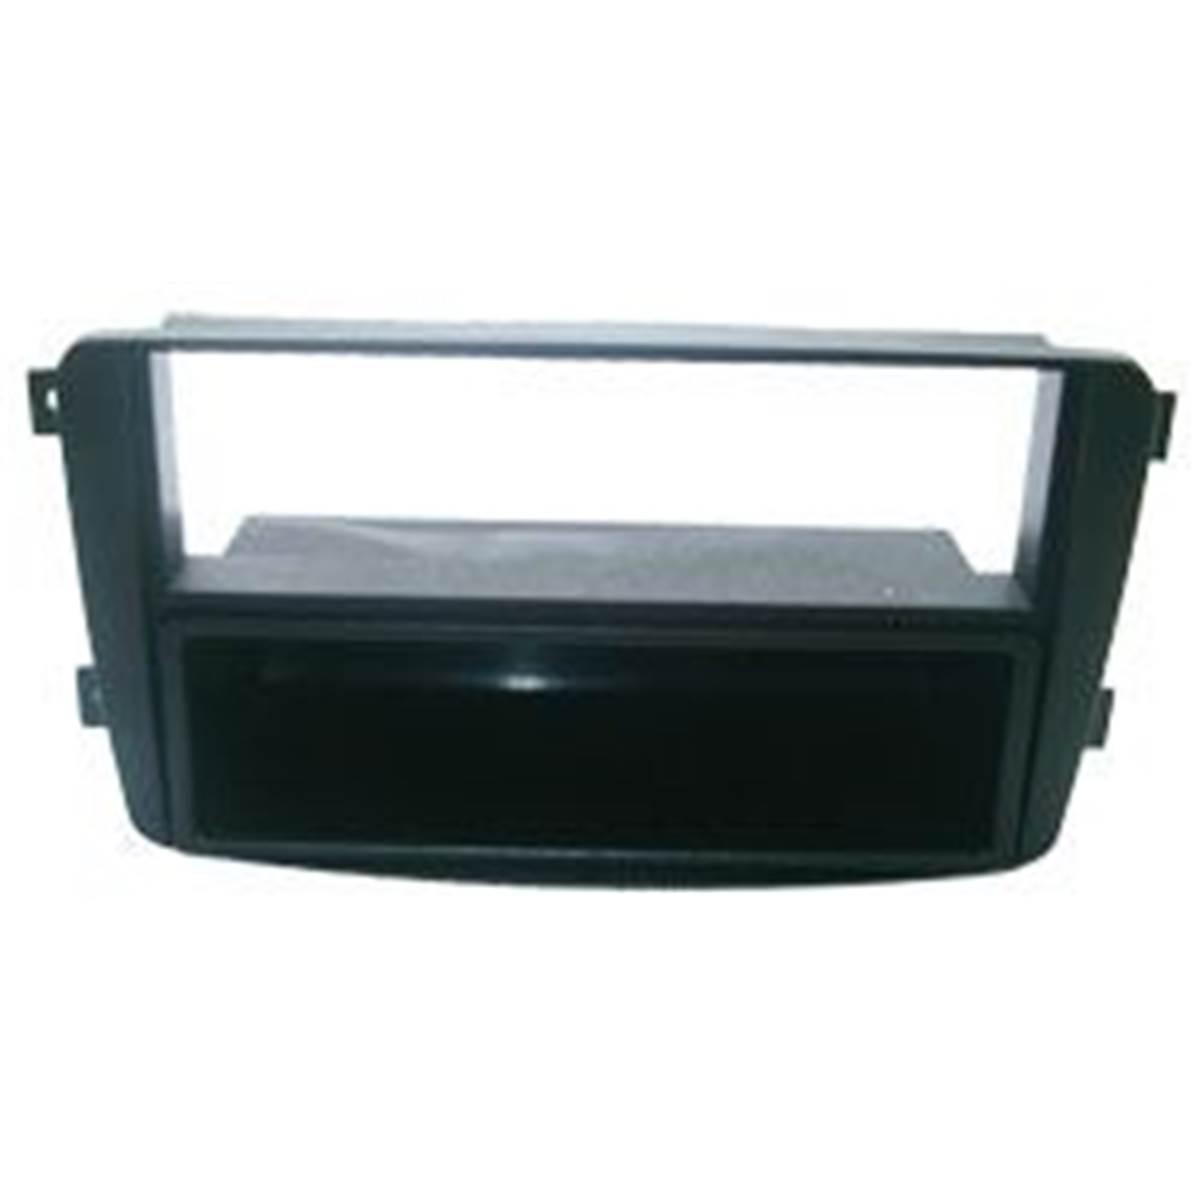 Support Décor Autoradio NN ISO noir Spécial MERCEDES Classe C 05/00 >